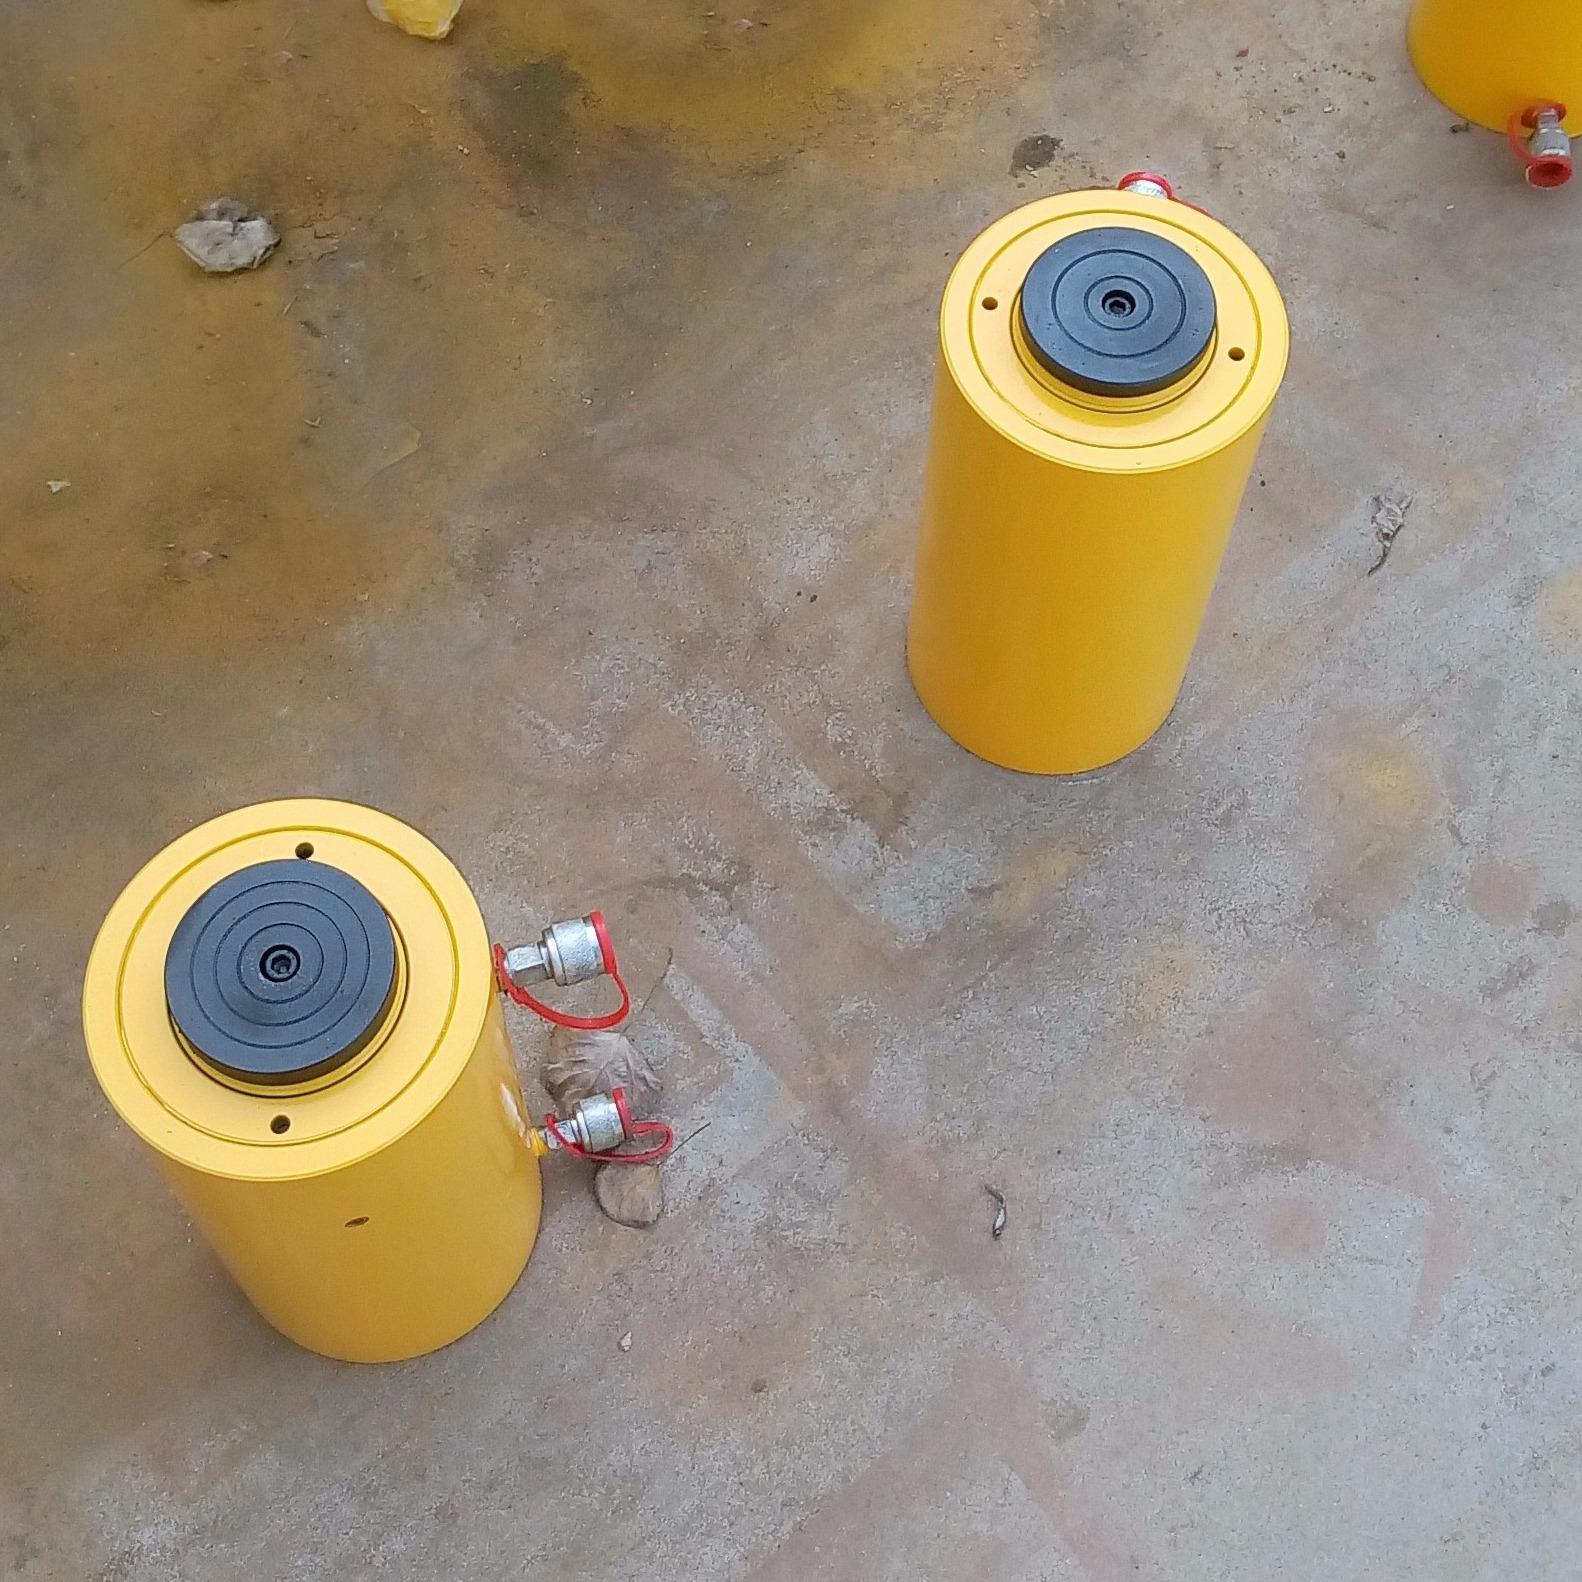 100吨液压千斤顶,100吨液压千斤顶,双作用千斤顶,大吨位千斤顶,分离式液压千斤顶